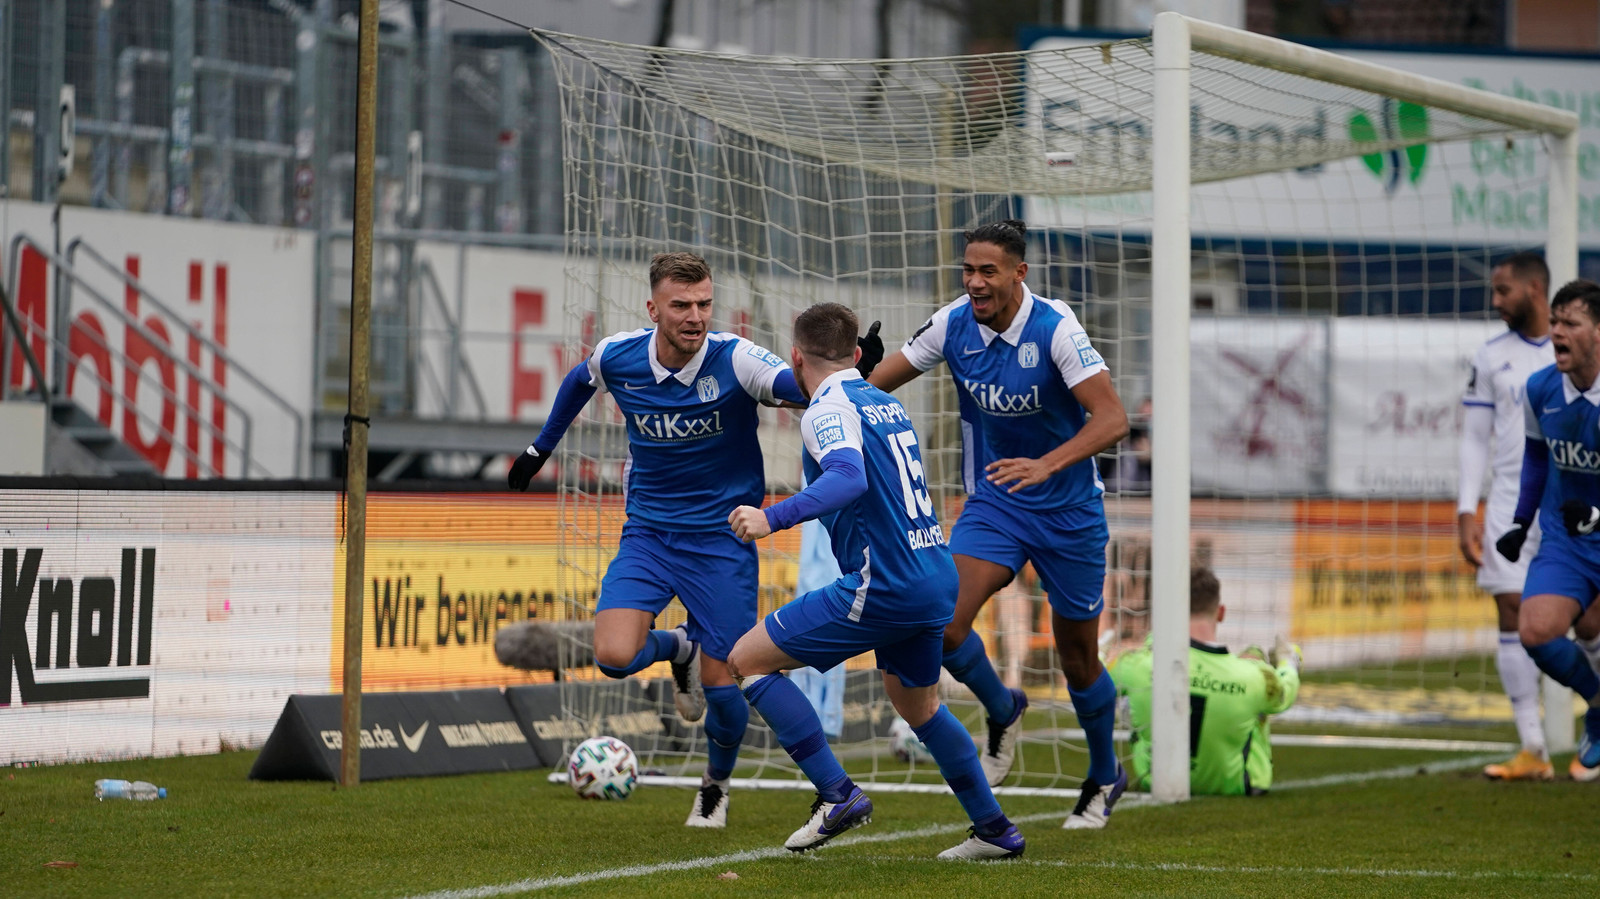 Lars Bünning (links) heeft de 1-0 gemaakt. Geheel rechts nieuweling Tom Boere, die het feestje mee wil vieren.